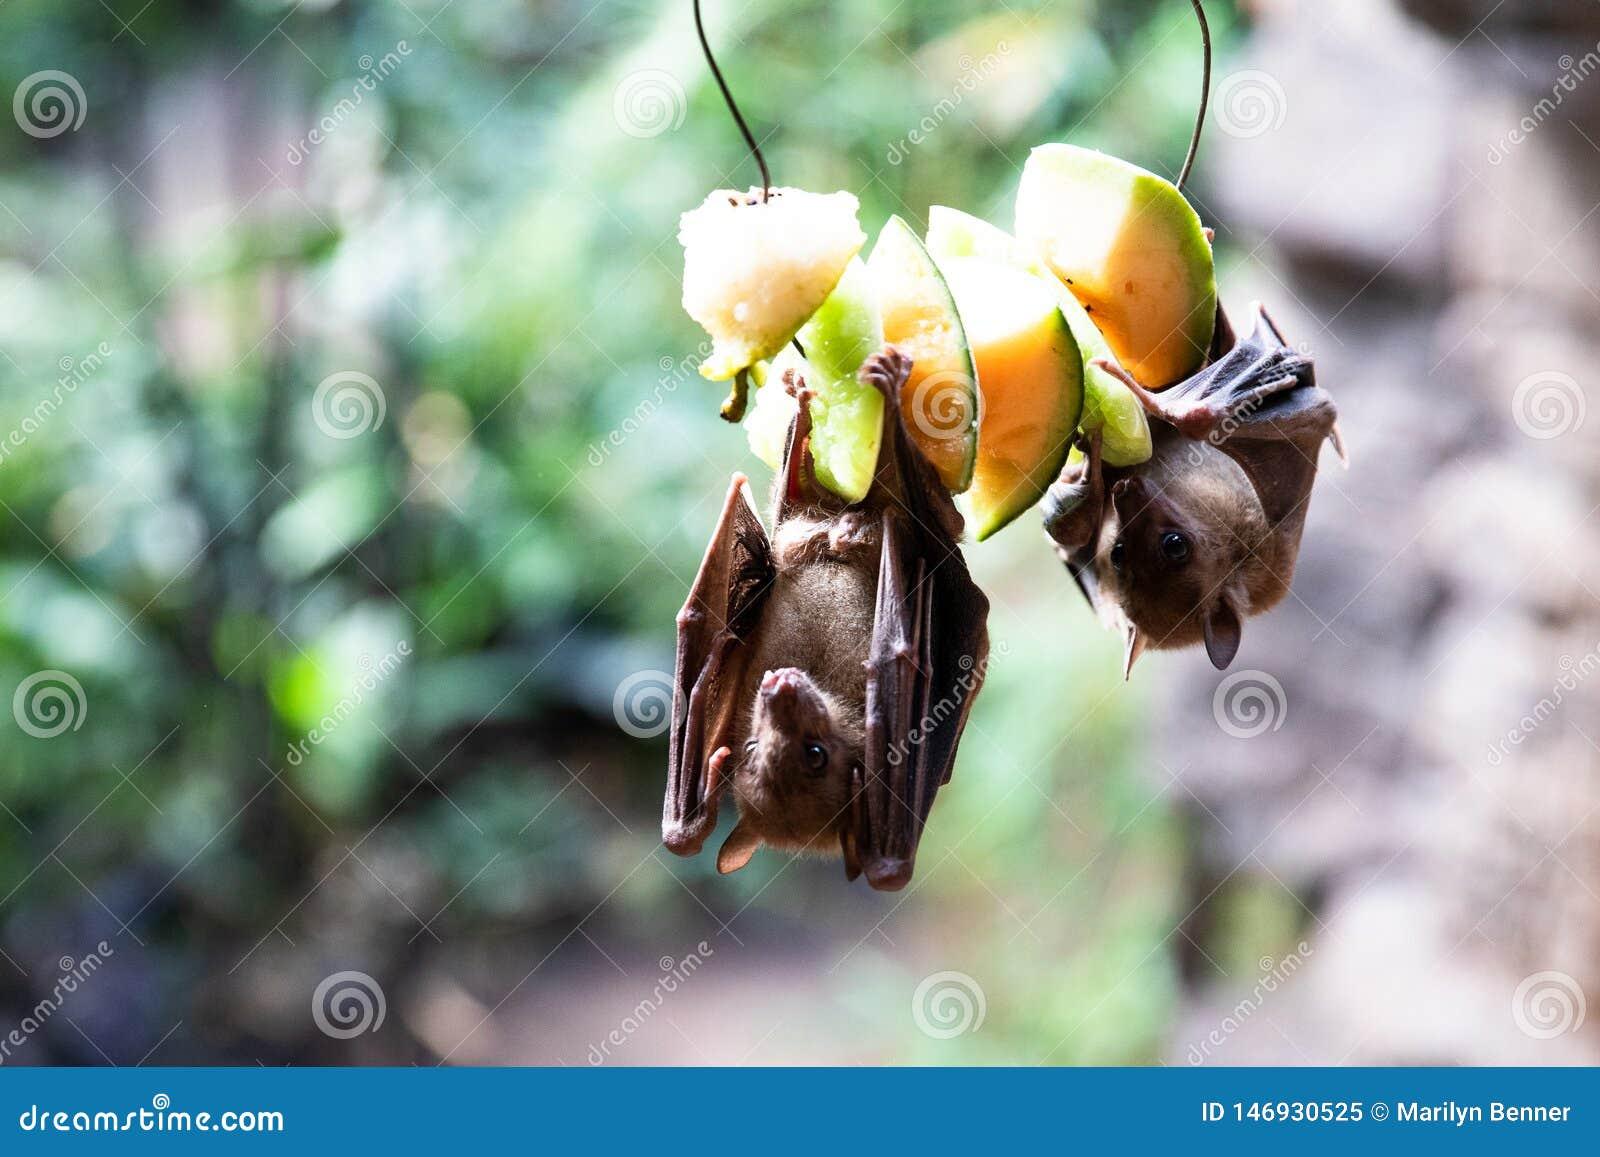 吃在果子的果实蝙蝠在动物园